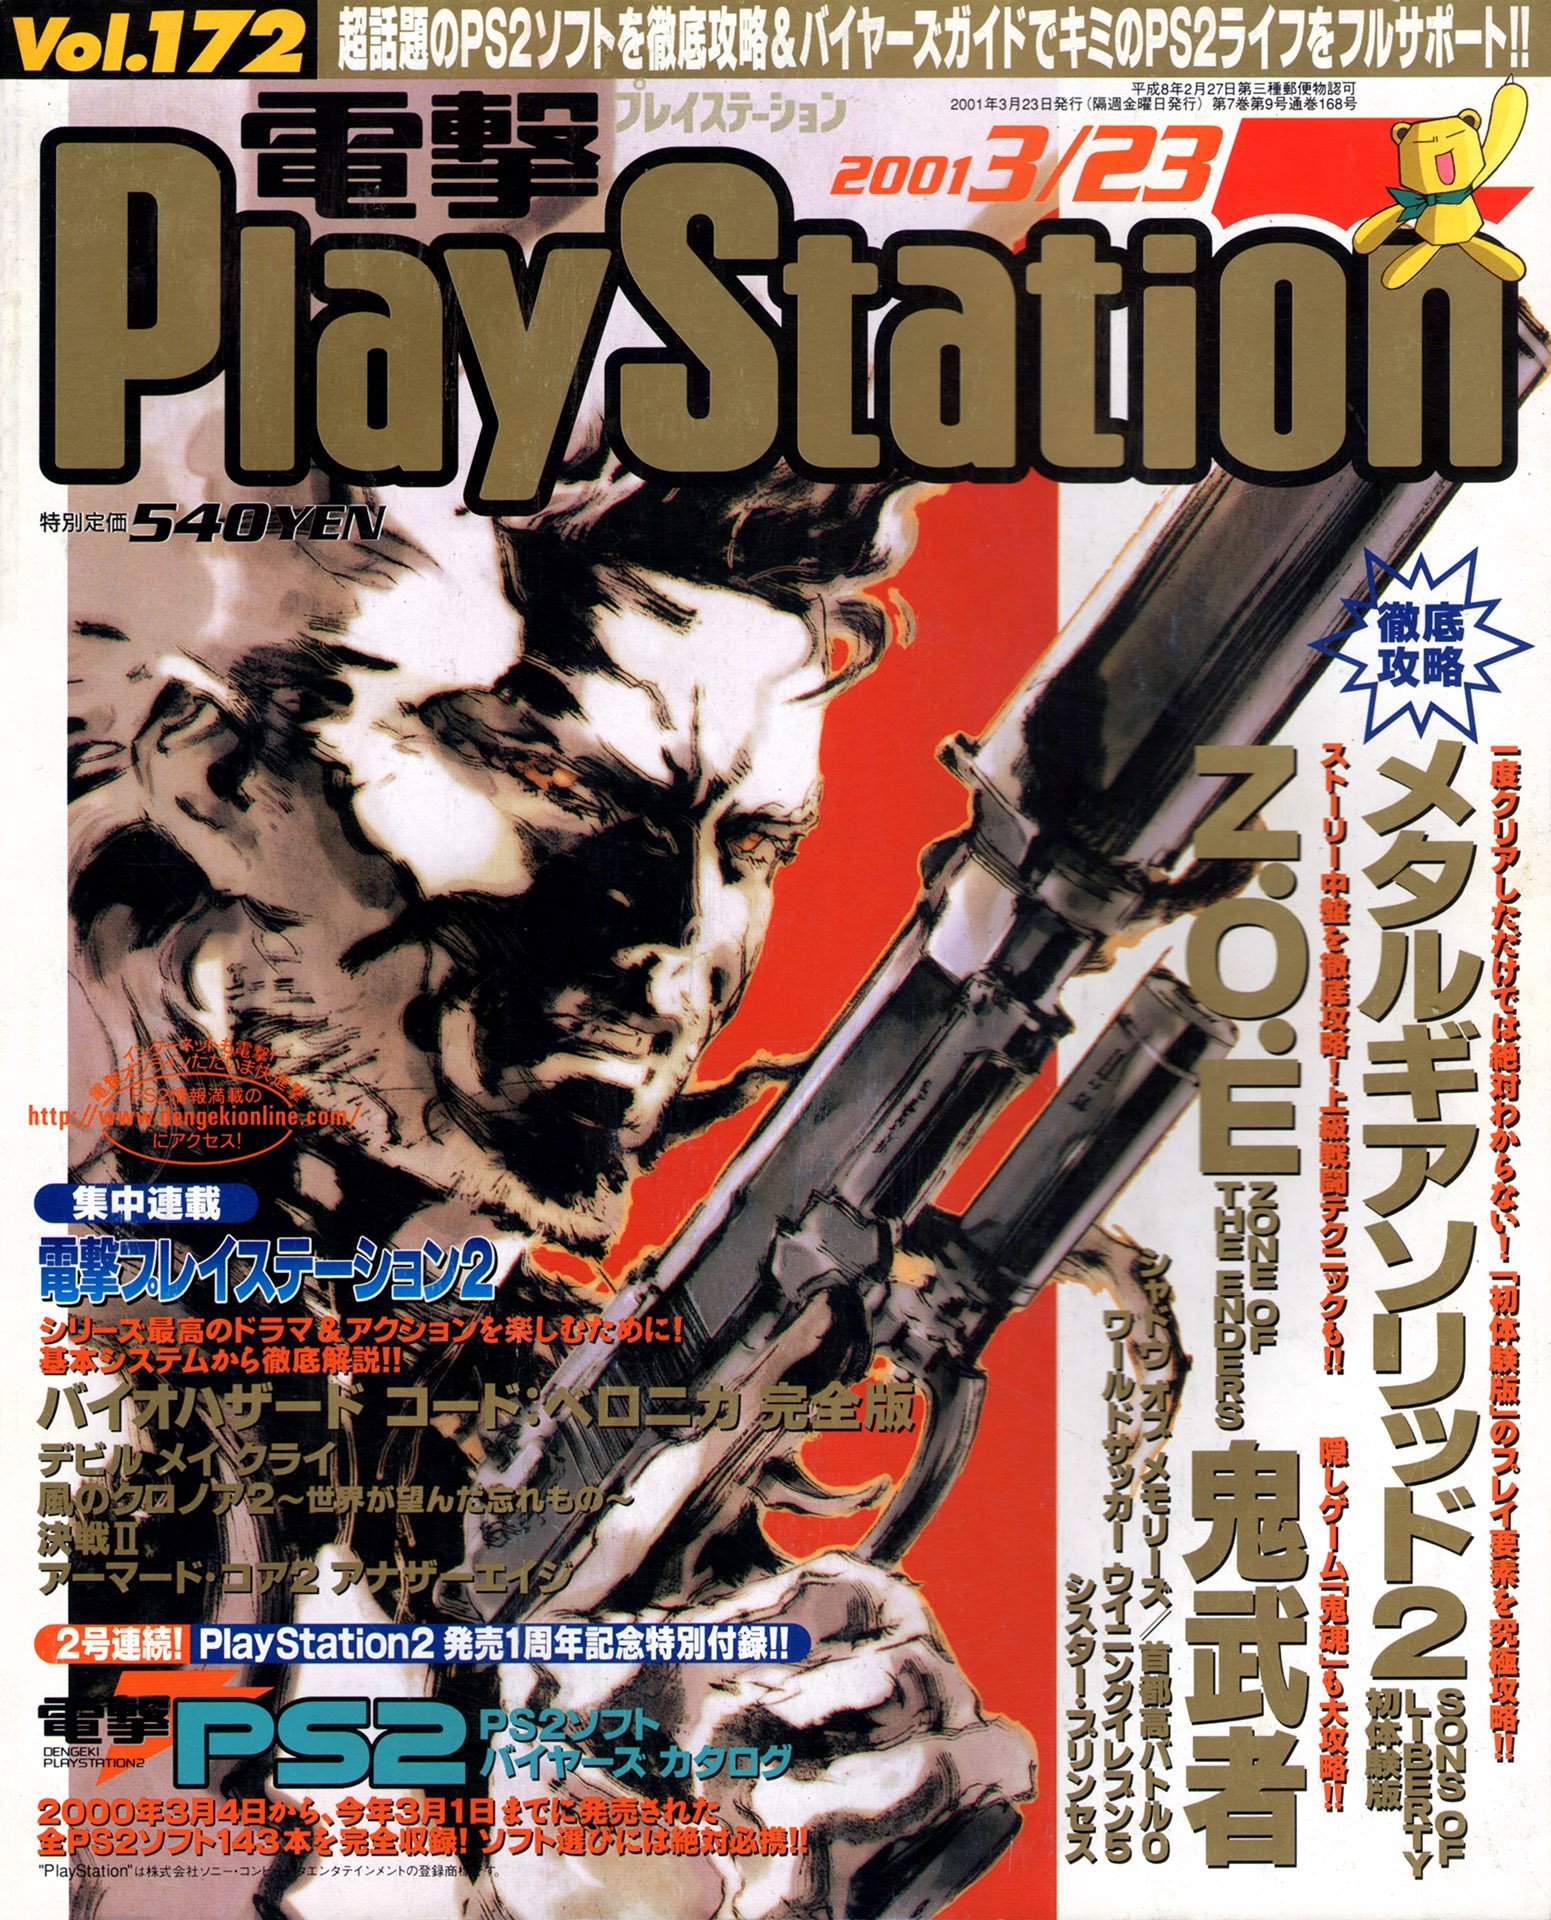 Dengeki PlayStation 172 (March 23, 2001)